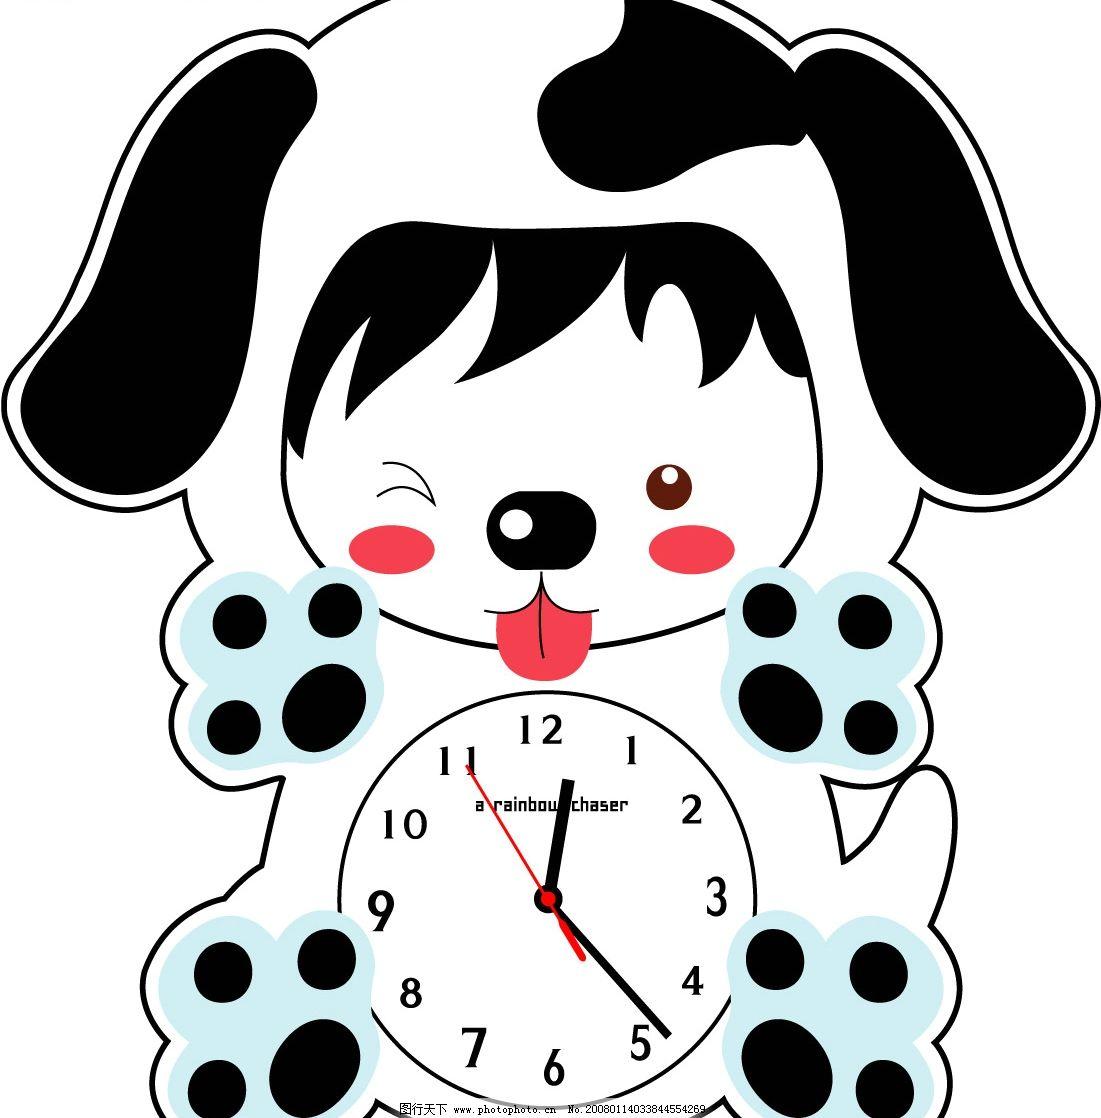 卡通时钟 矢量图形 小狗 其他矢量 矢量素材 矢量图库